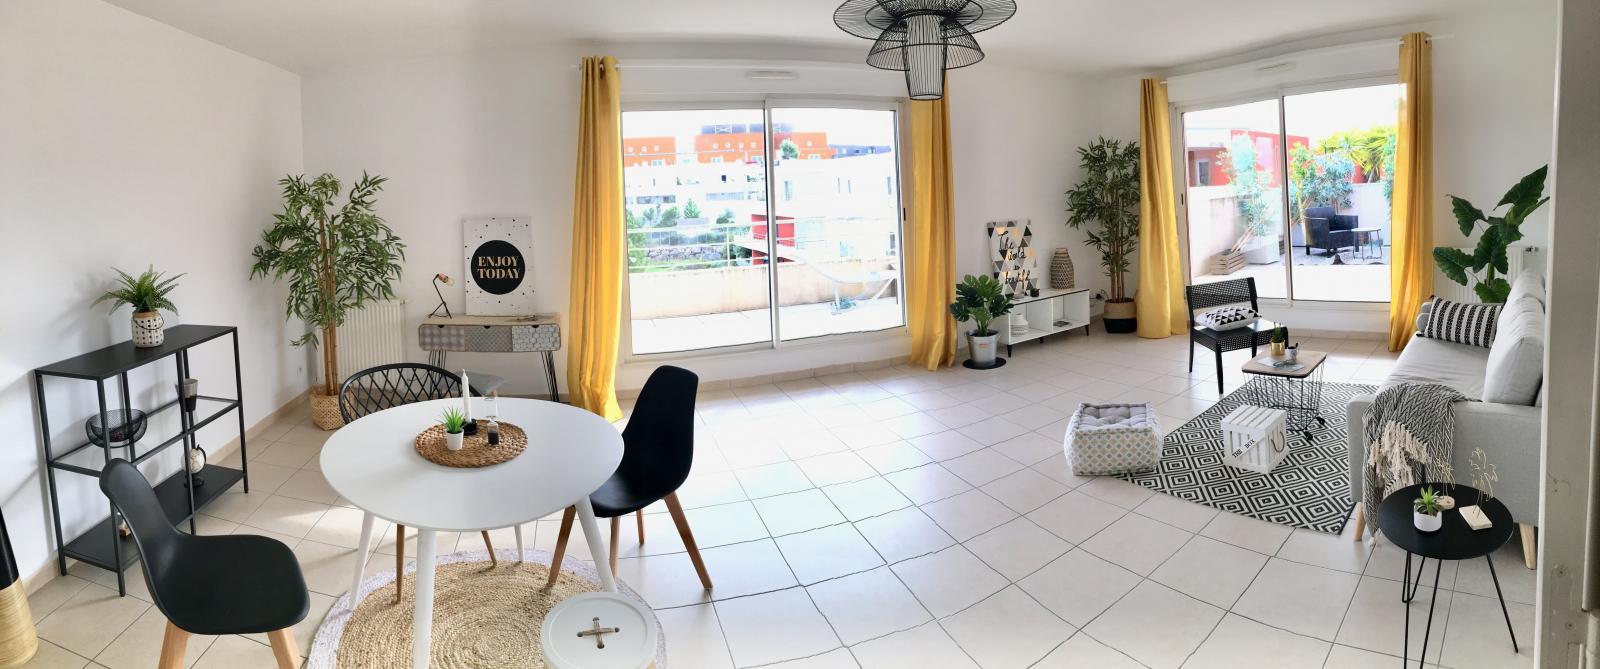 Trouver une maison à rénover à Montpellier